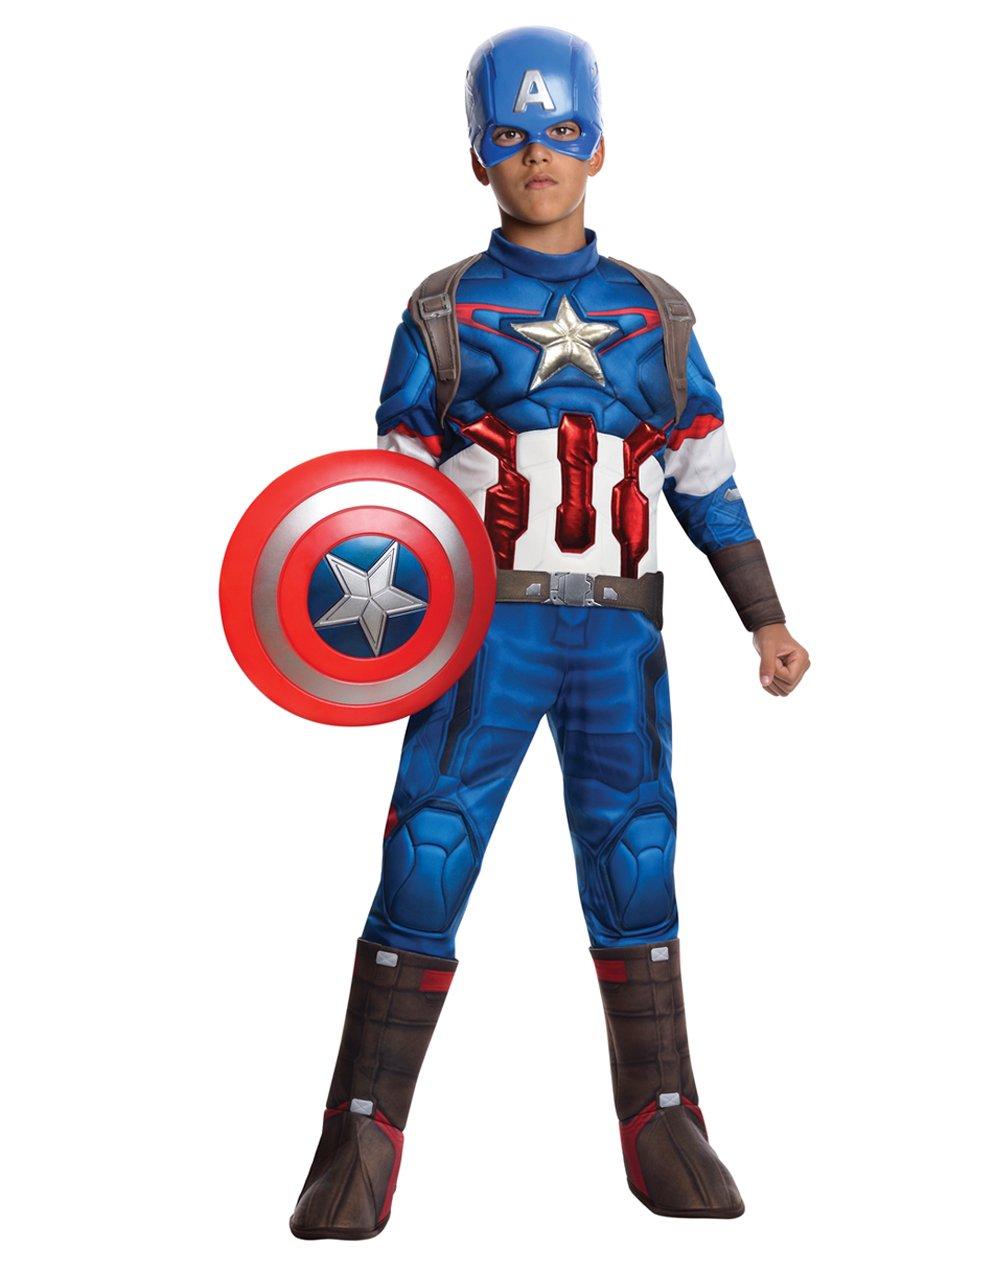 Comprar Rubies Disfraz infantil de Capitán América en Los Vengadores: La Era de Ultrón - Tiendas Online de Disfraces con Envíos Baratos o Gratis ></noscript>>>